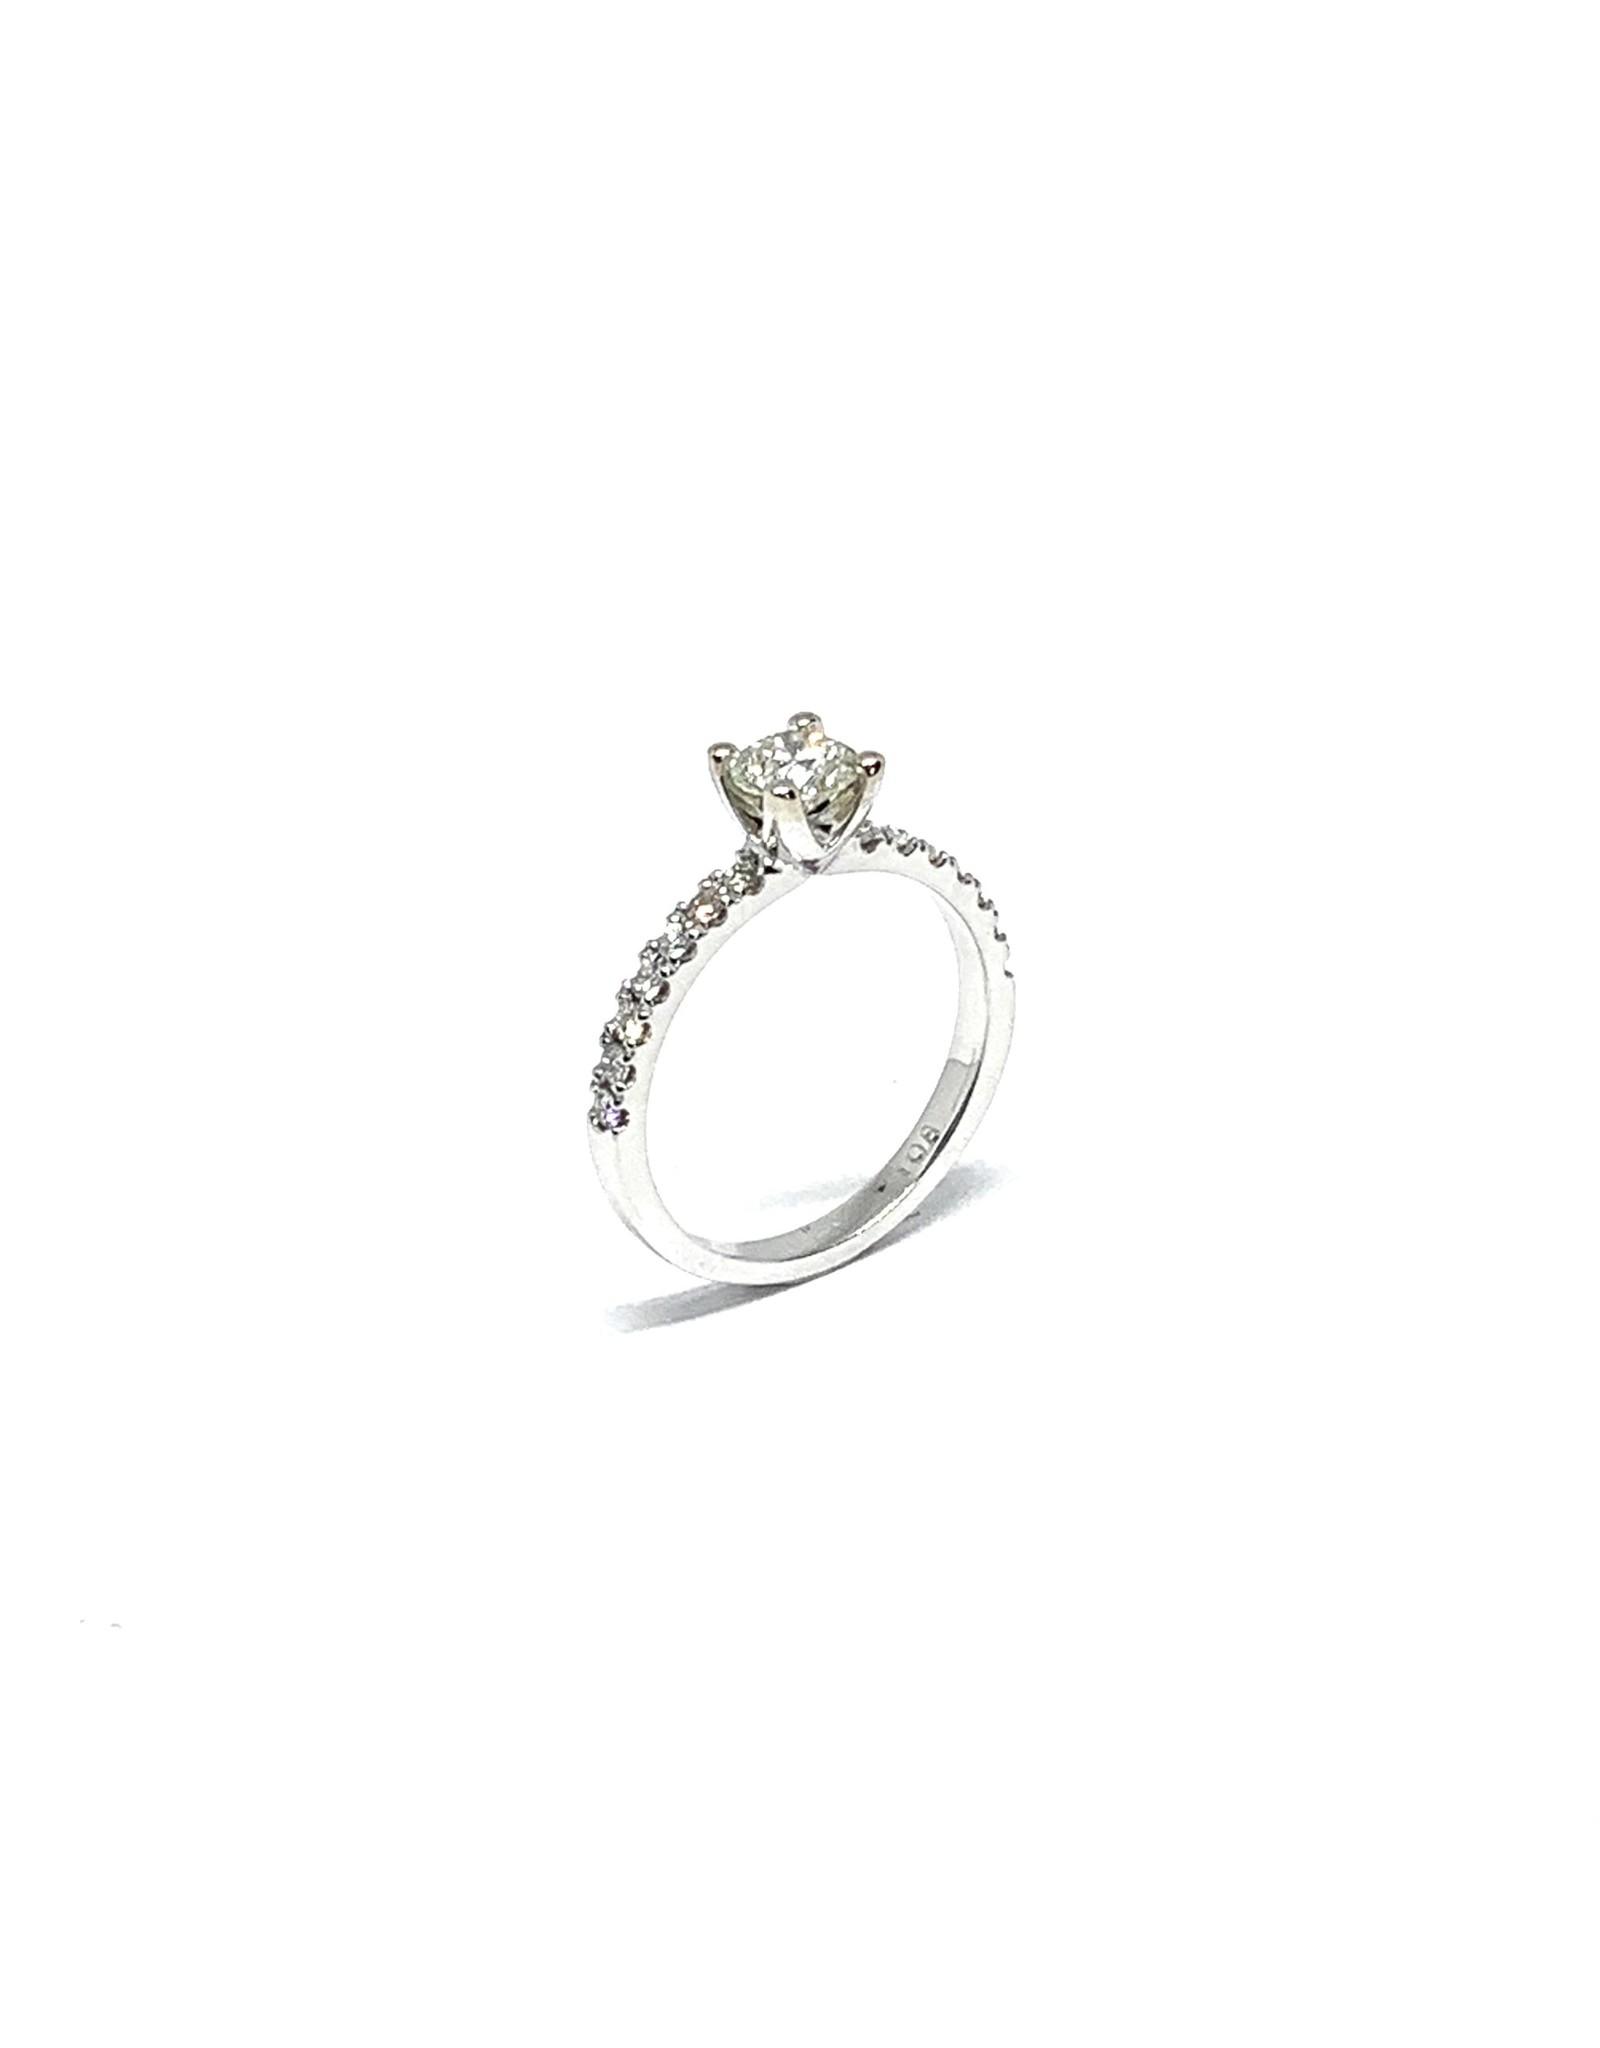 PARÉ Bague «De rêve» Or blanc 14K avec Diamants